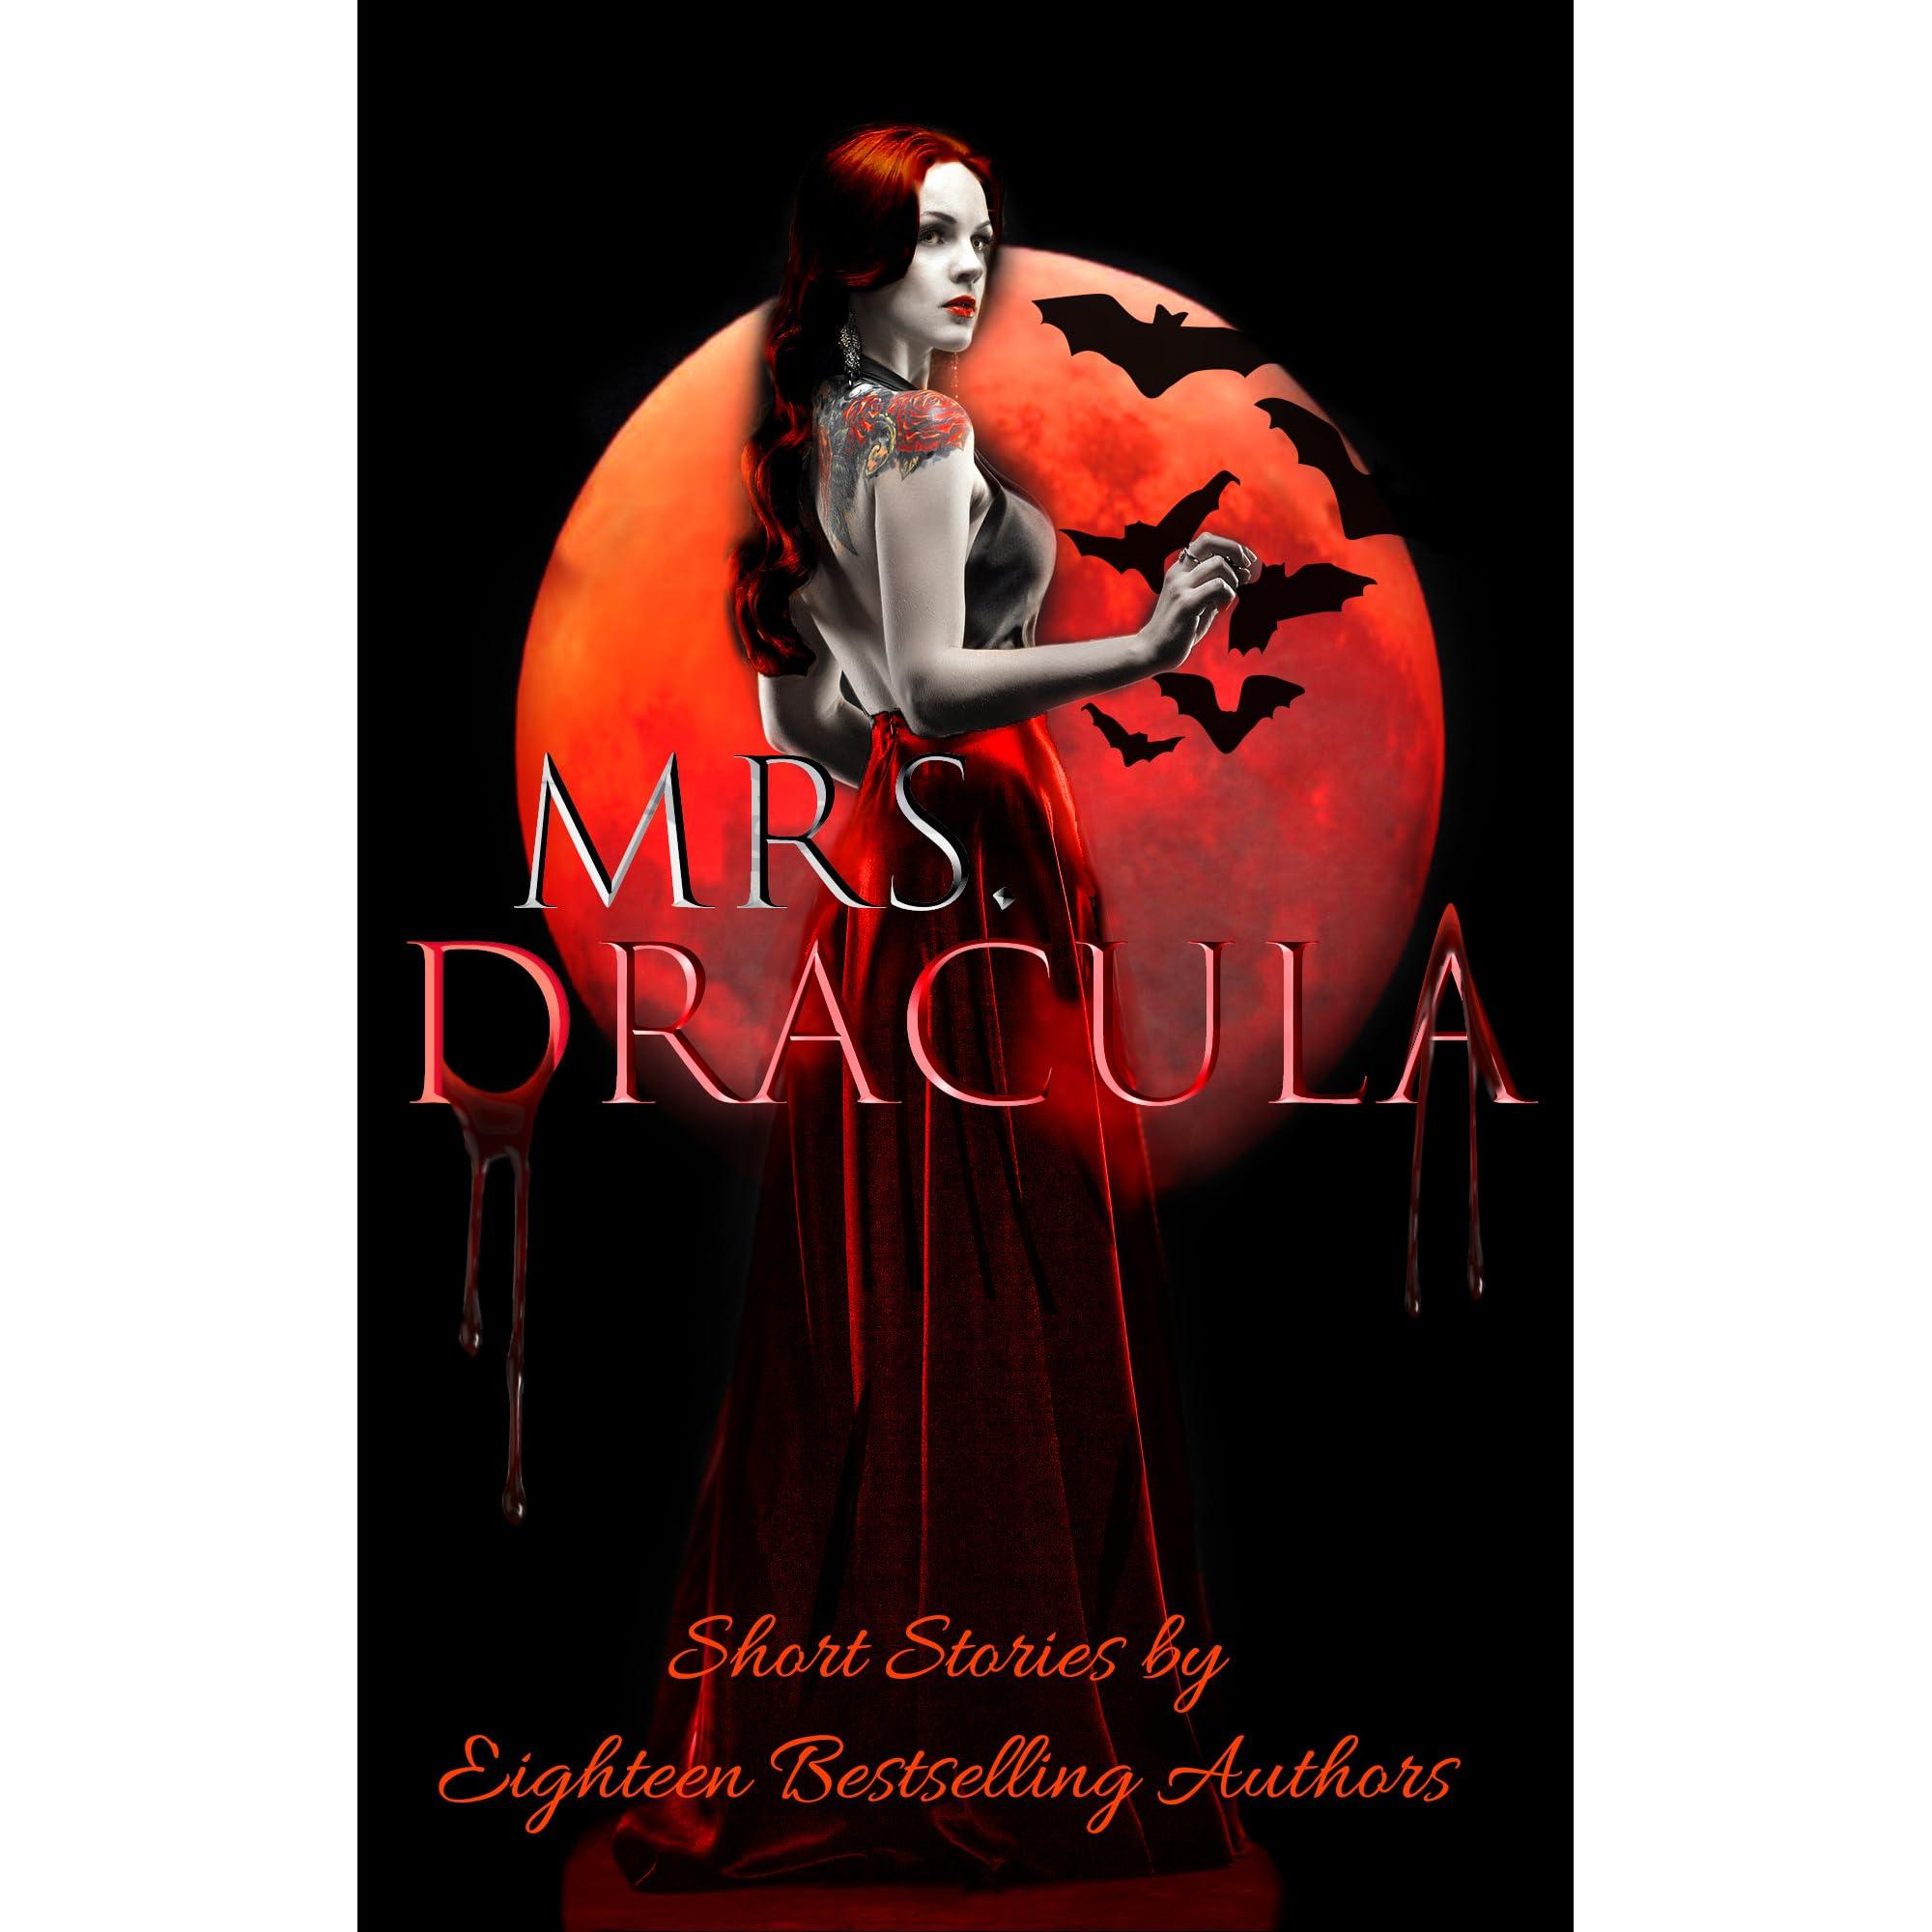 An Erotic Tale Of Ms Dracula mrs. draculalogan keys